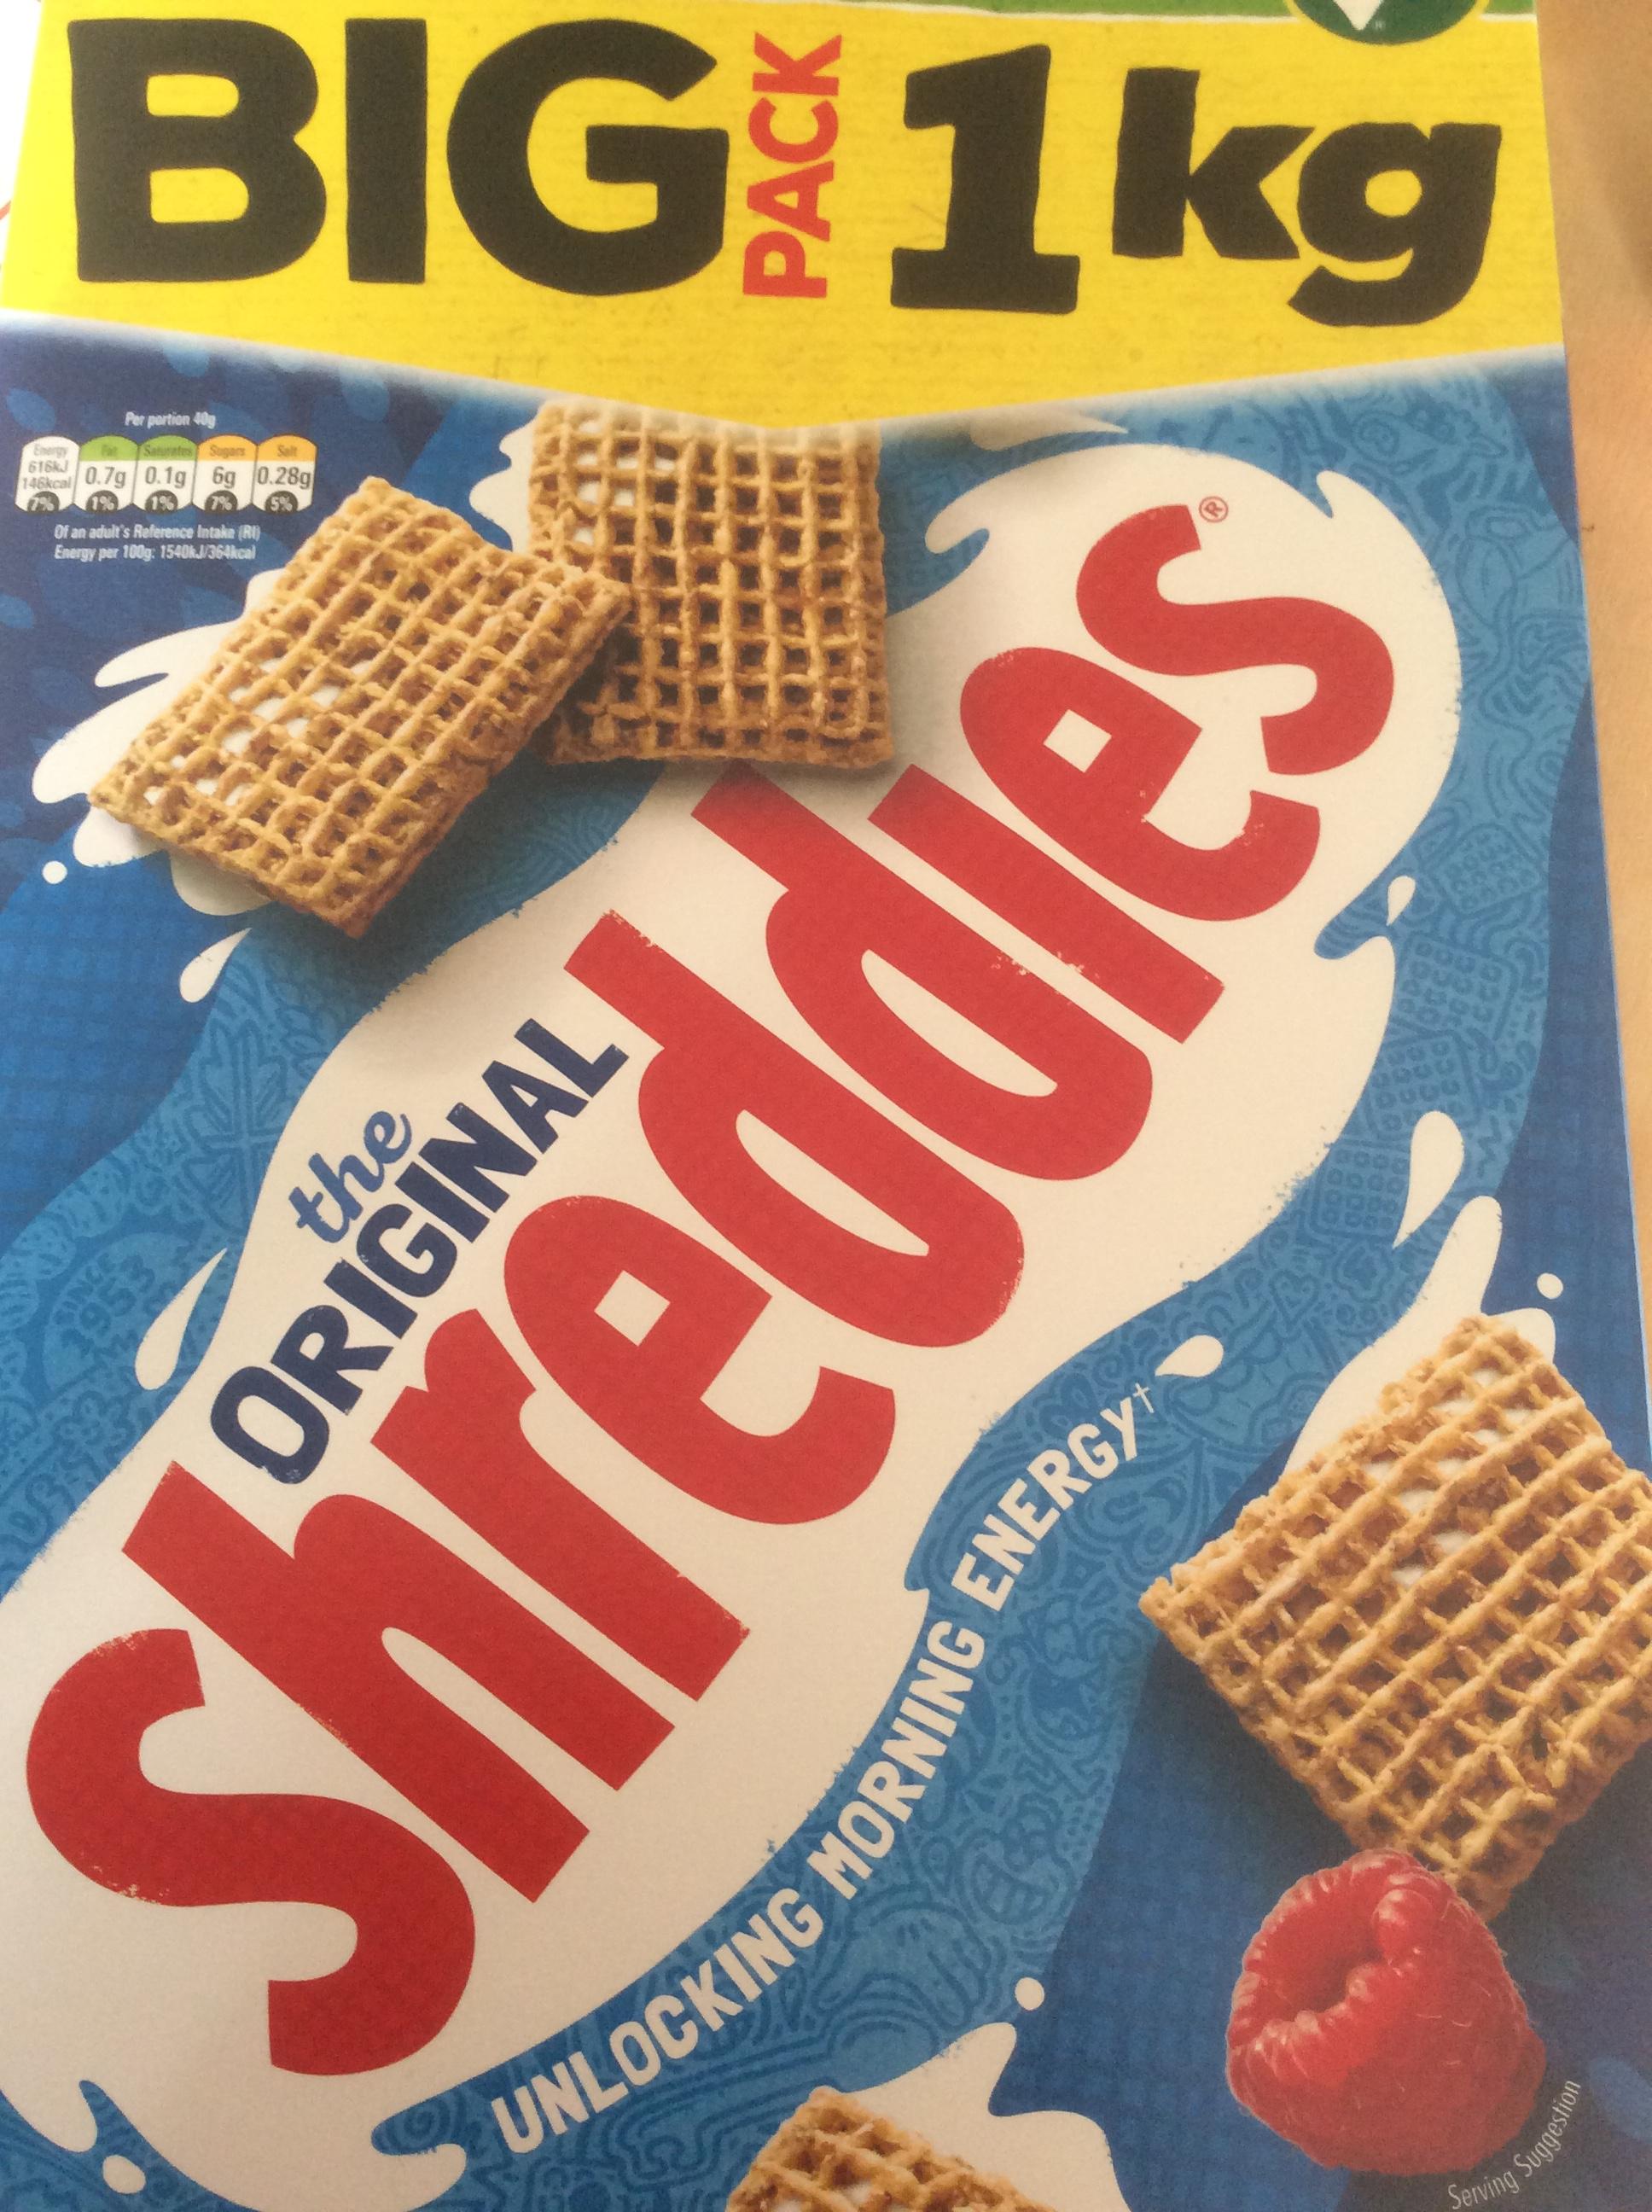 Big 1kg pack of Nestle Shreddies only £2.99 instore Home Bargains